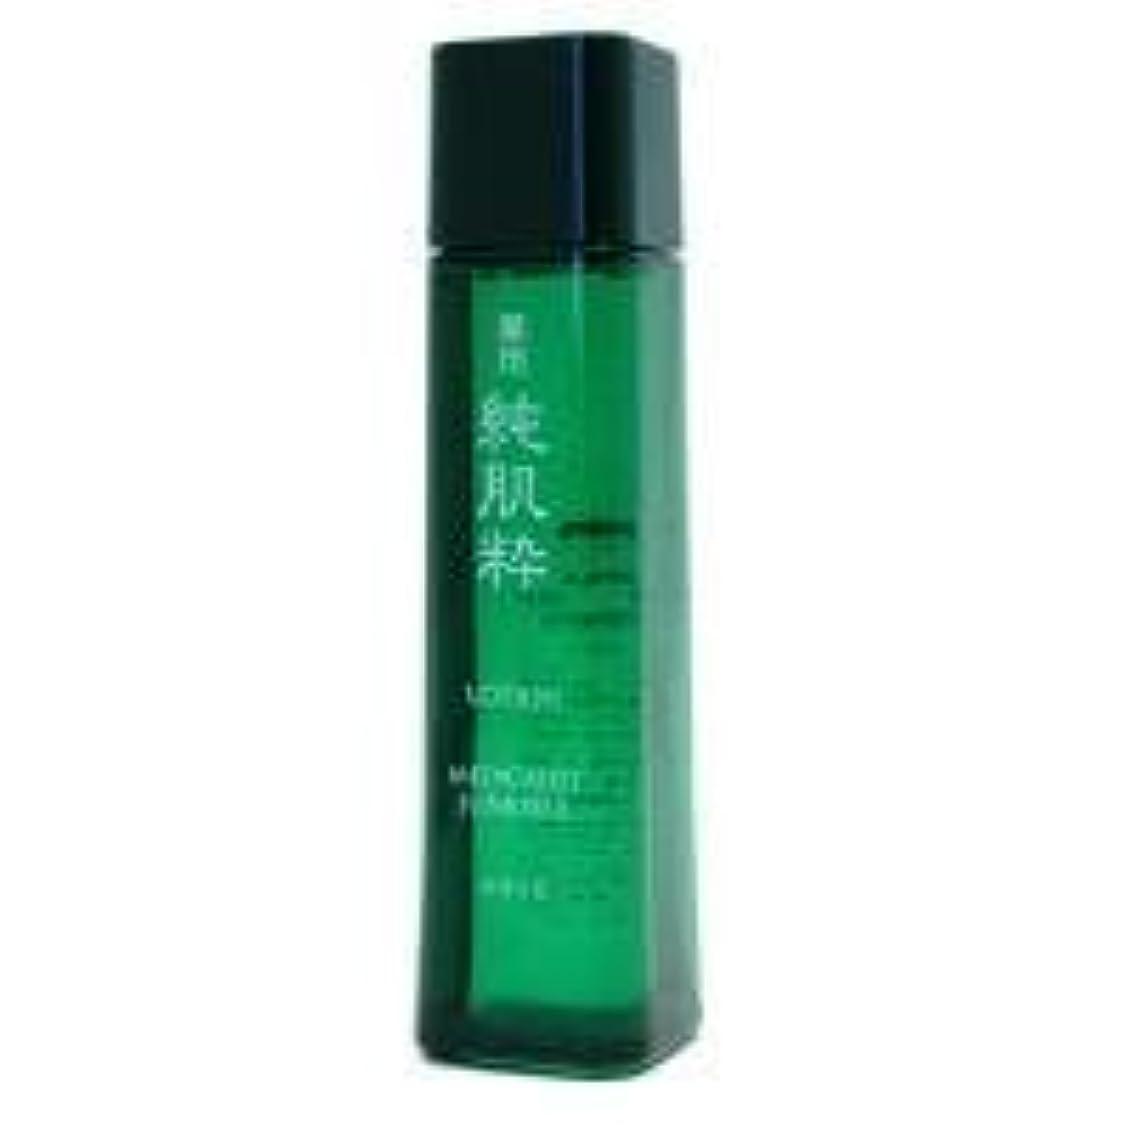 ポップ純粋な整理するコーセー 薬用 純肌粋 化粧水 150ml